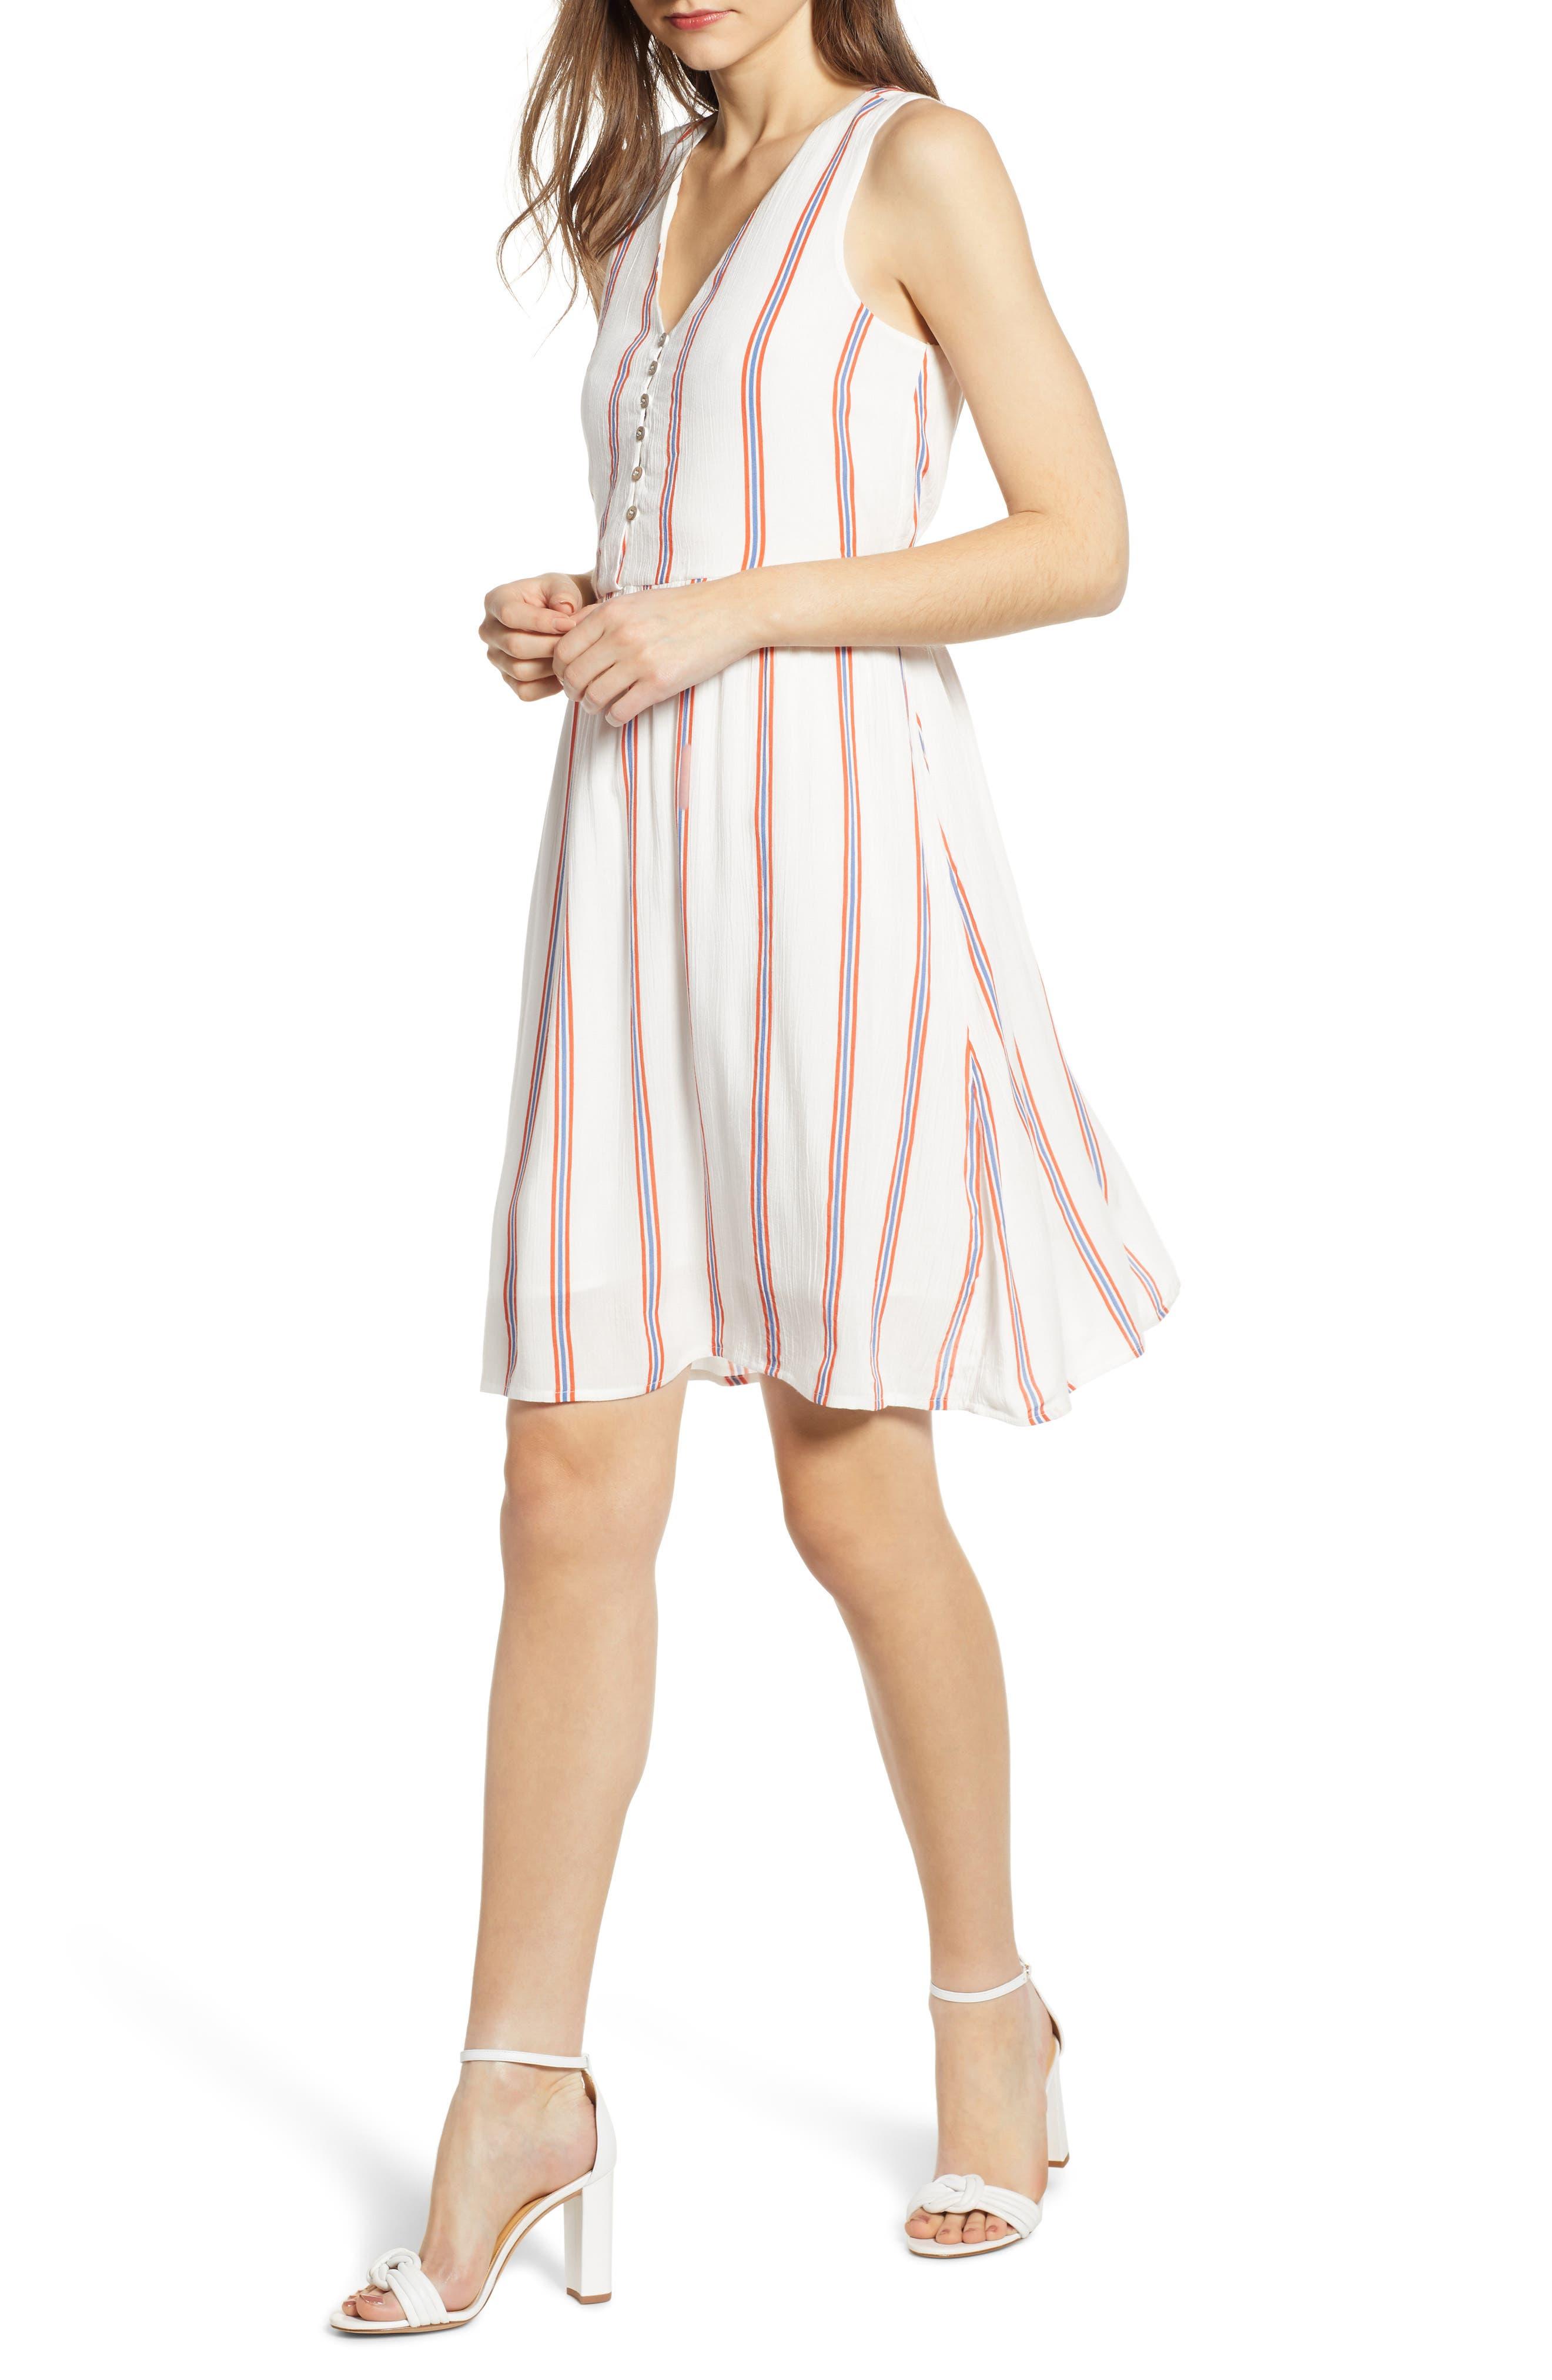 Vero Moda Hanna A-Line Dress, White